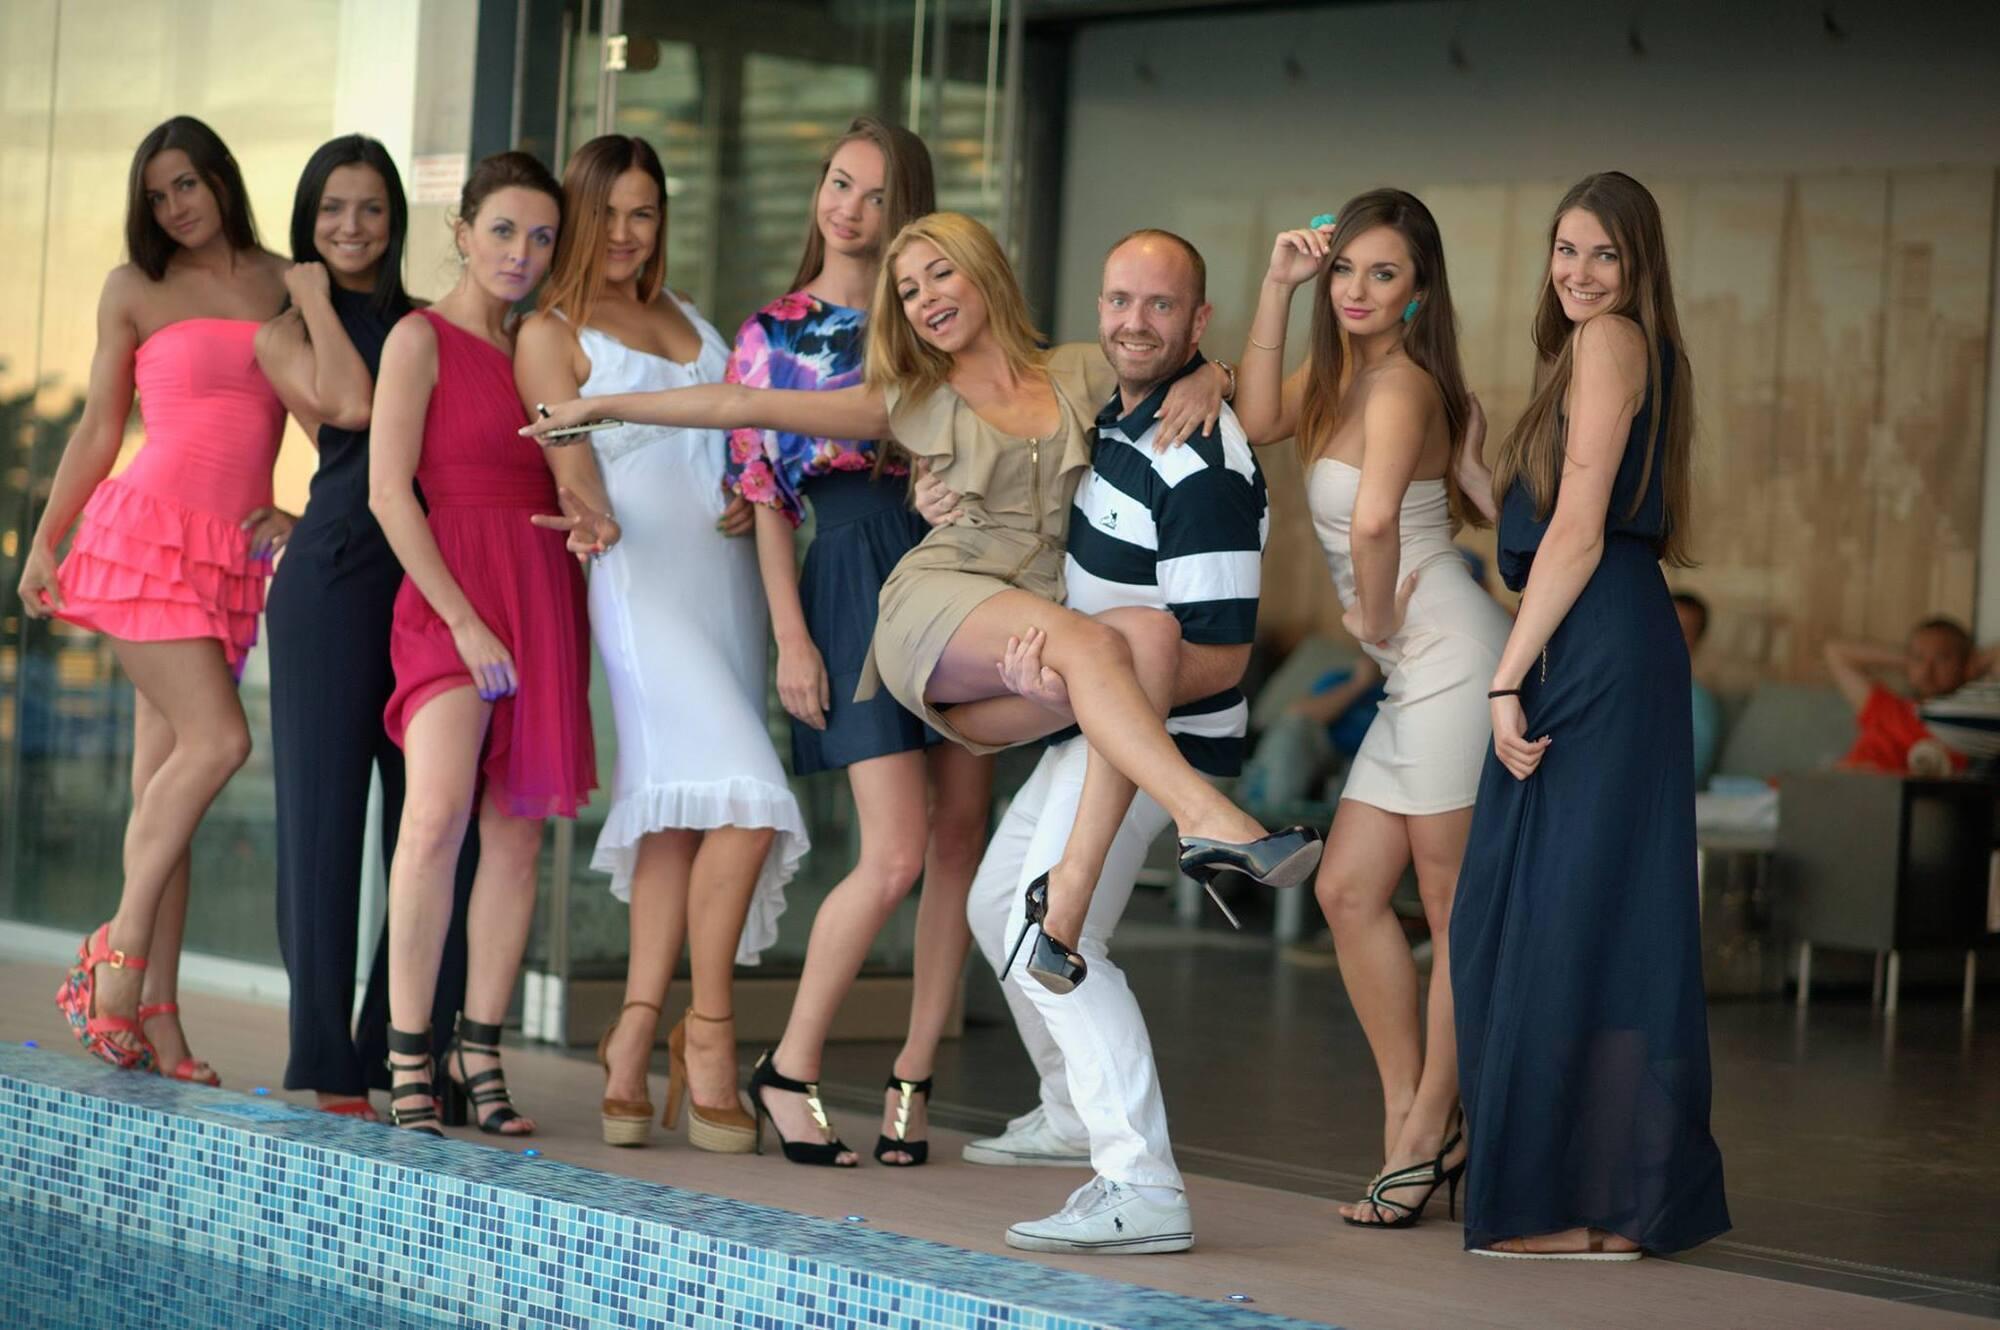 Гречин собирает вечеринки из простых девушек